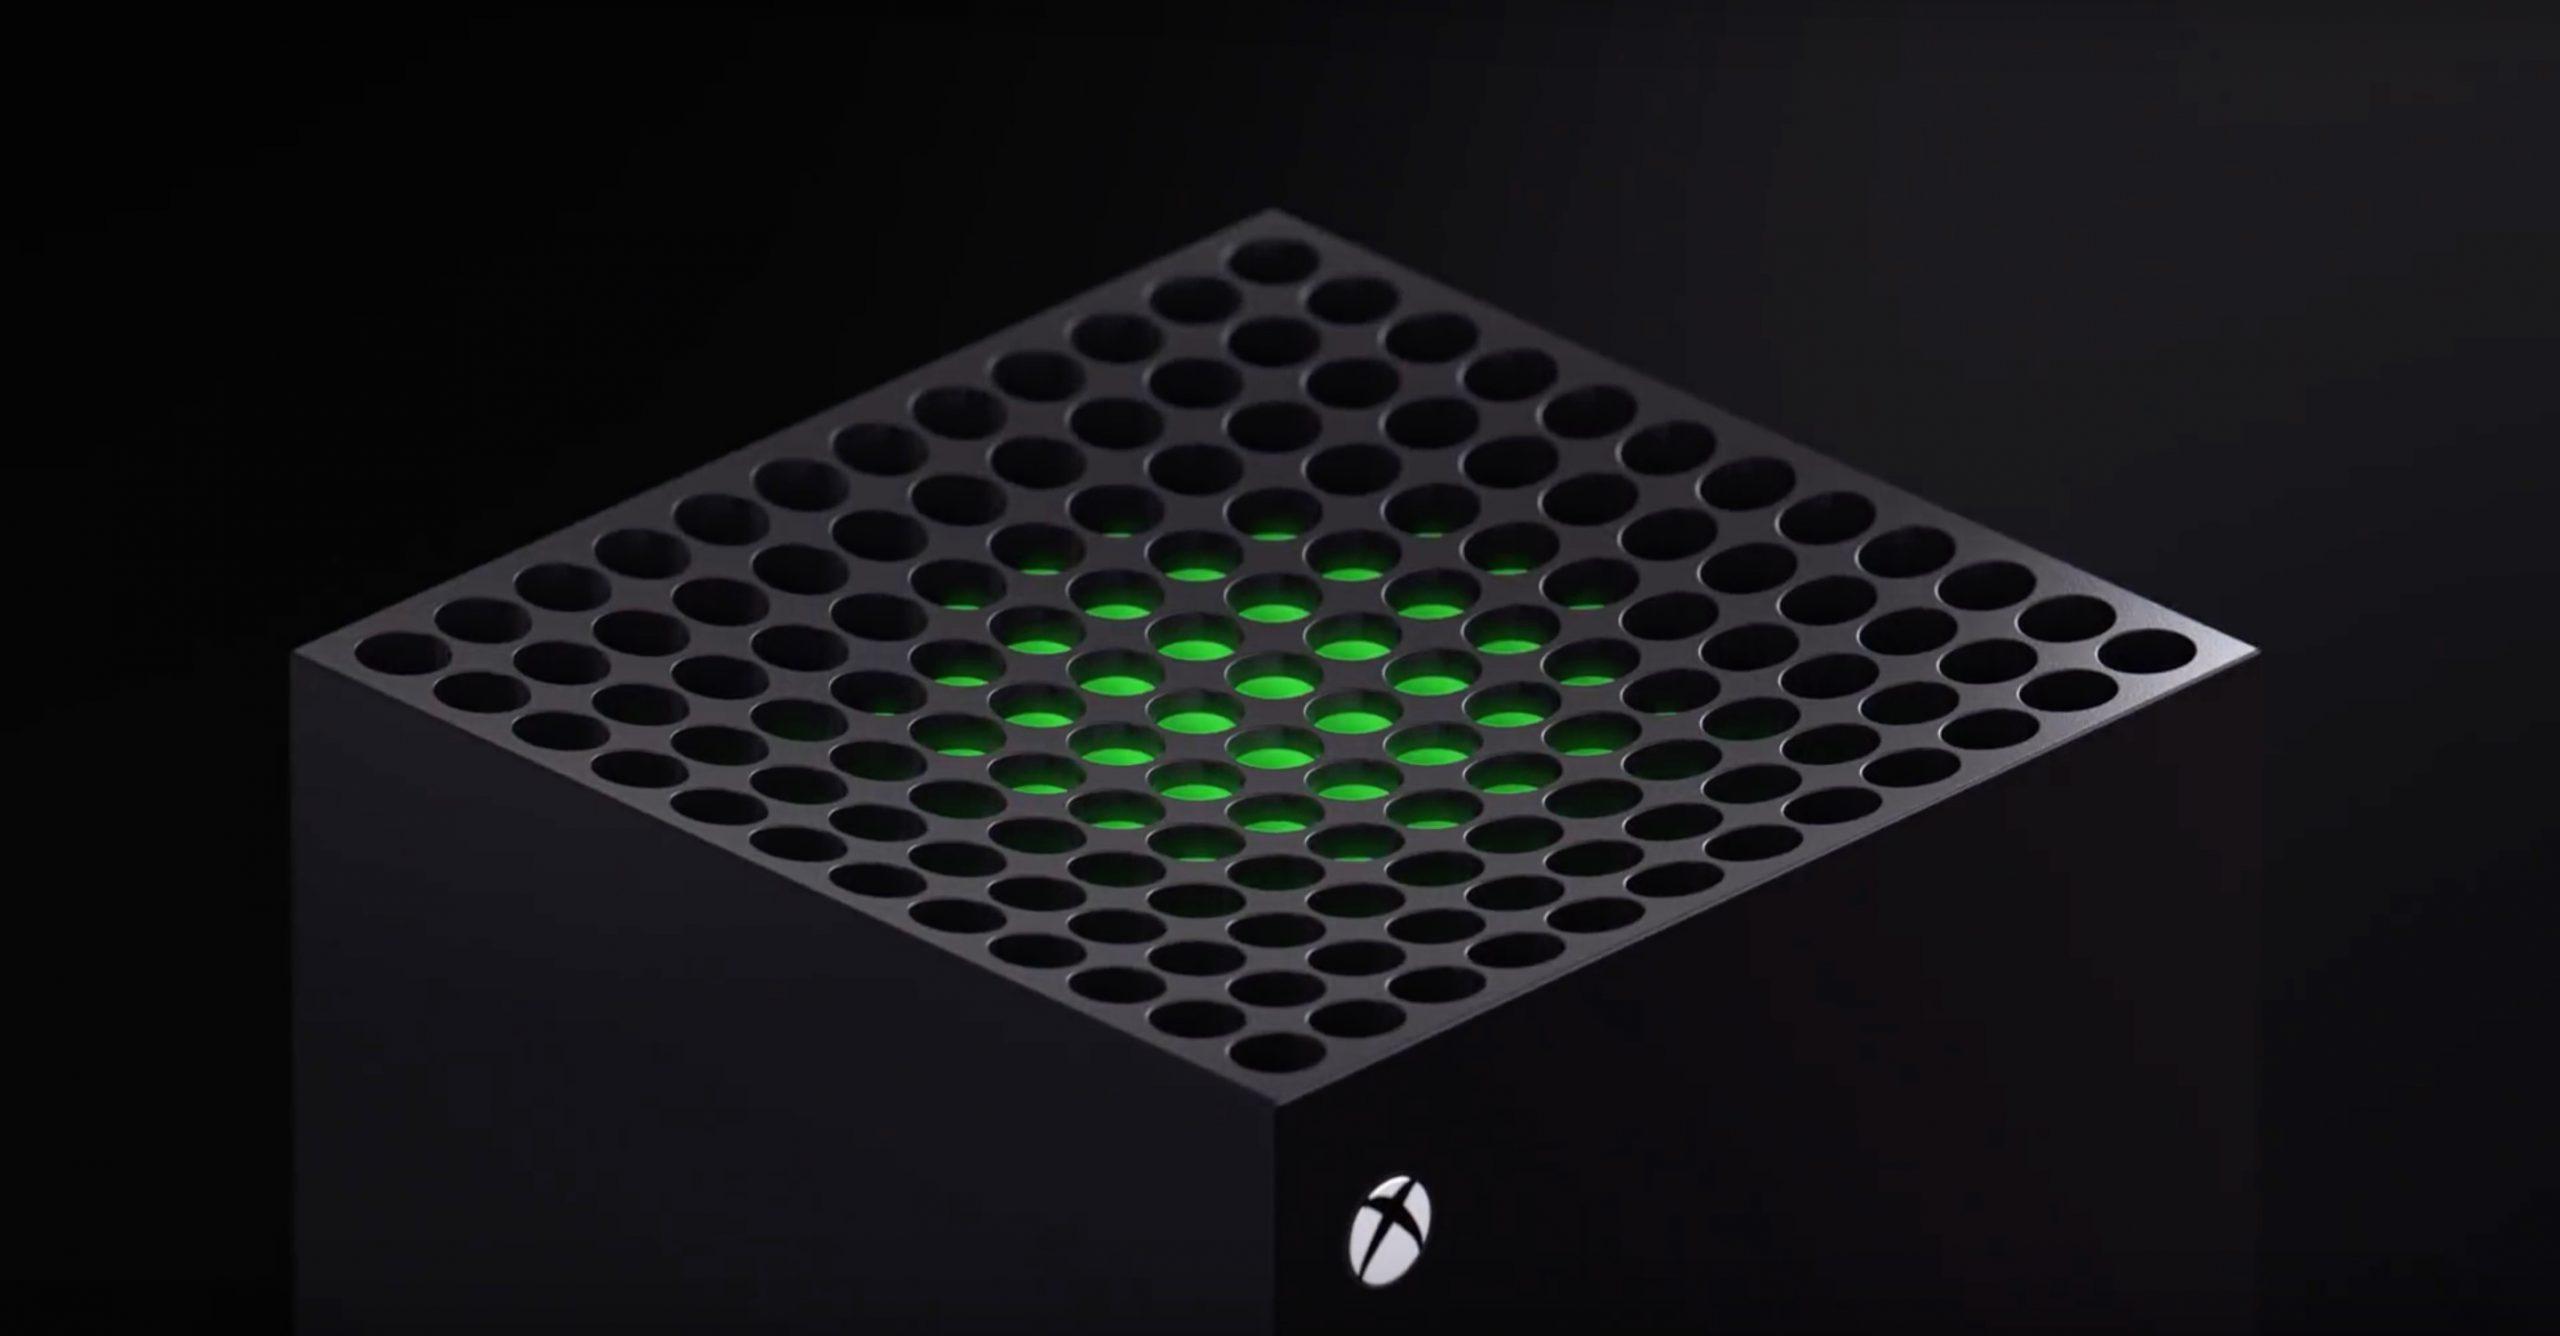 Gaur belaunaldi berriko kontsoletan lehen jolasak ikusiko ditugu.  Watch Inside Xbox gurekin